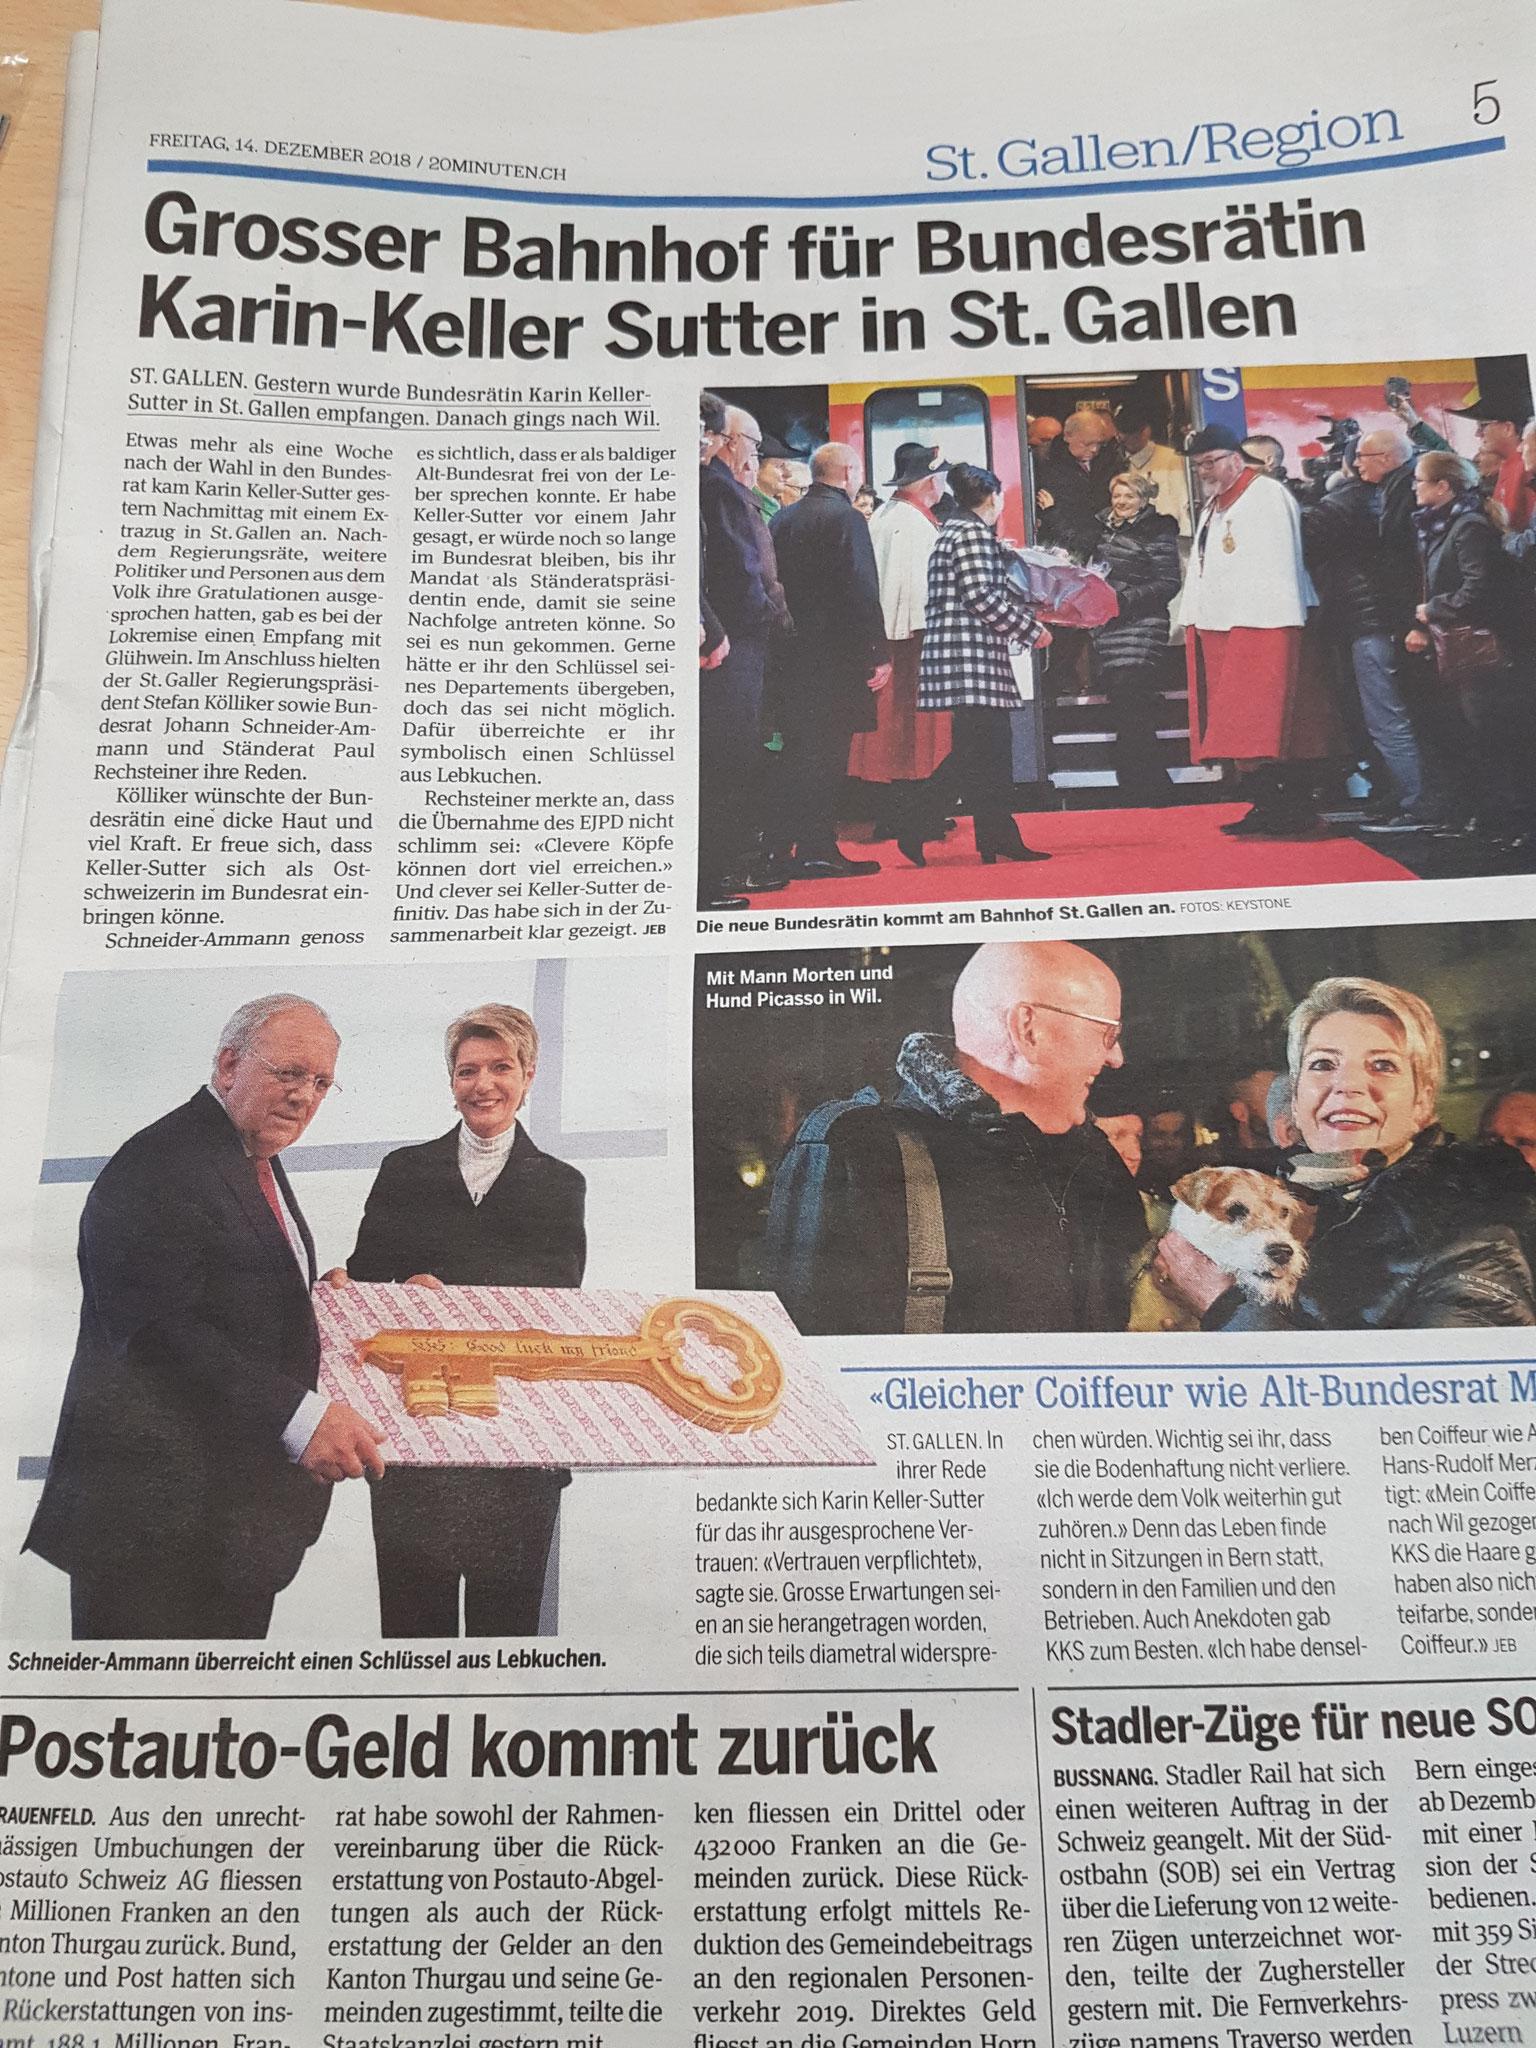 Biber für die neue Bundesrätin Karin Keller Sutter  (im 20 Min)